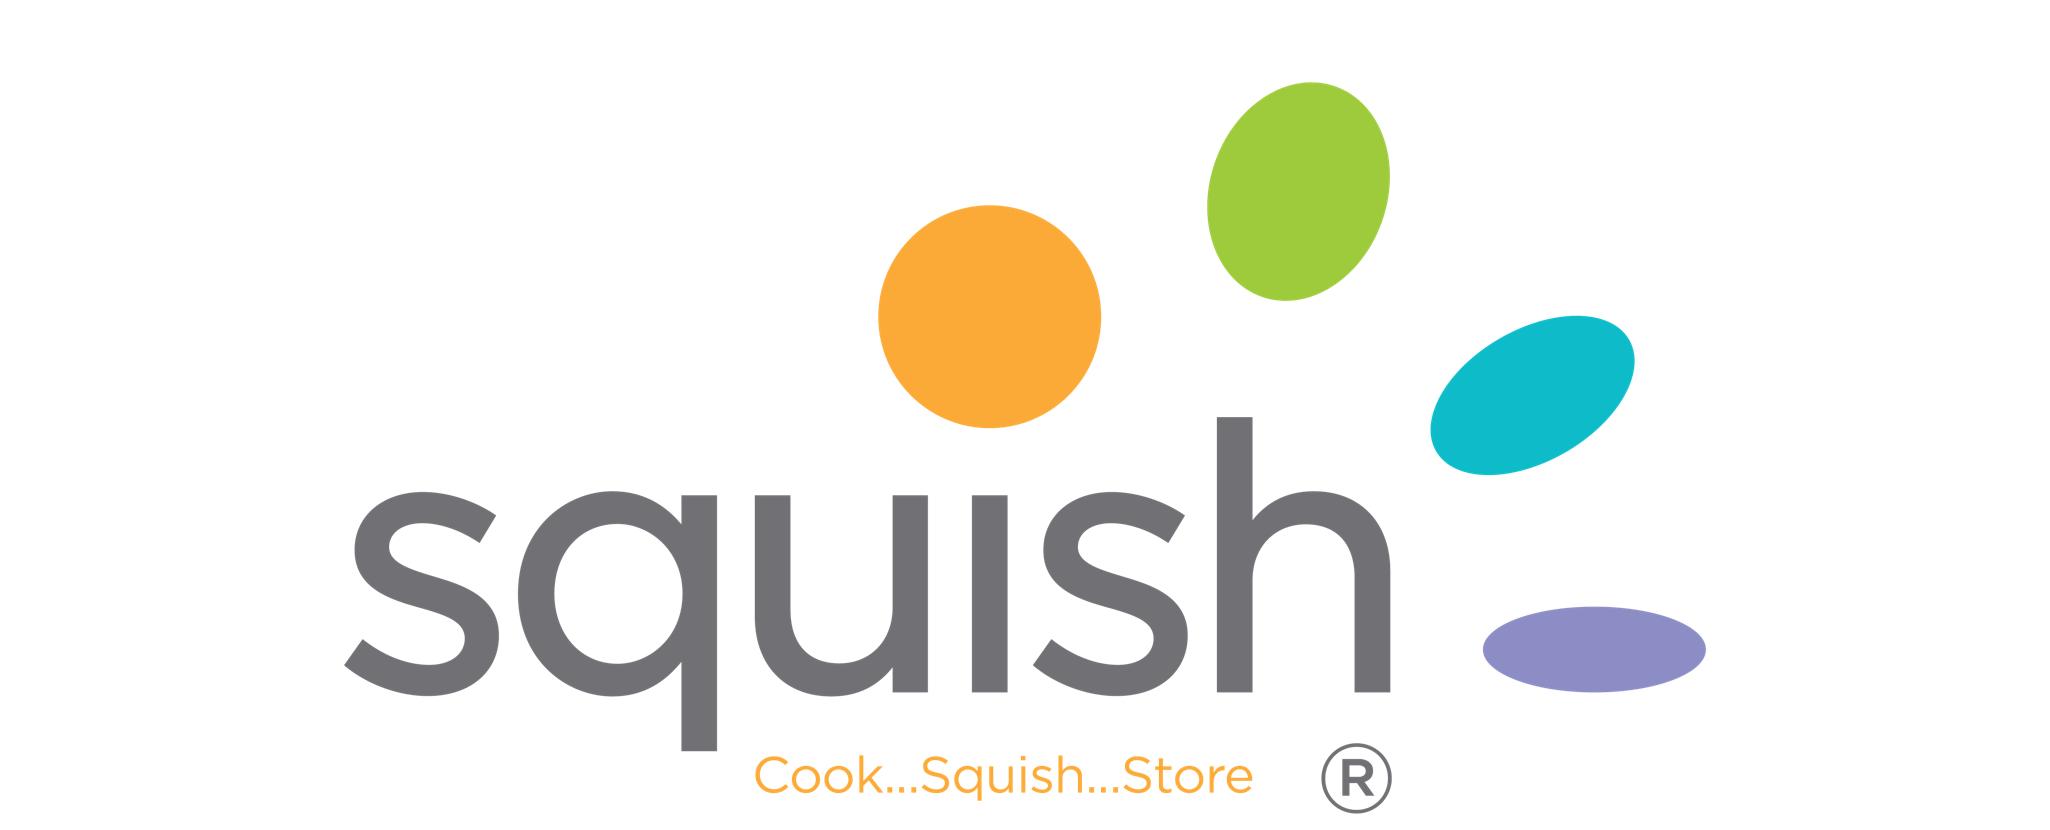 Squish logo design